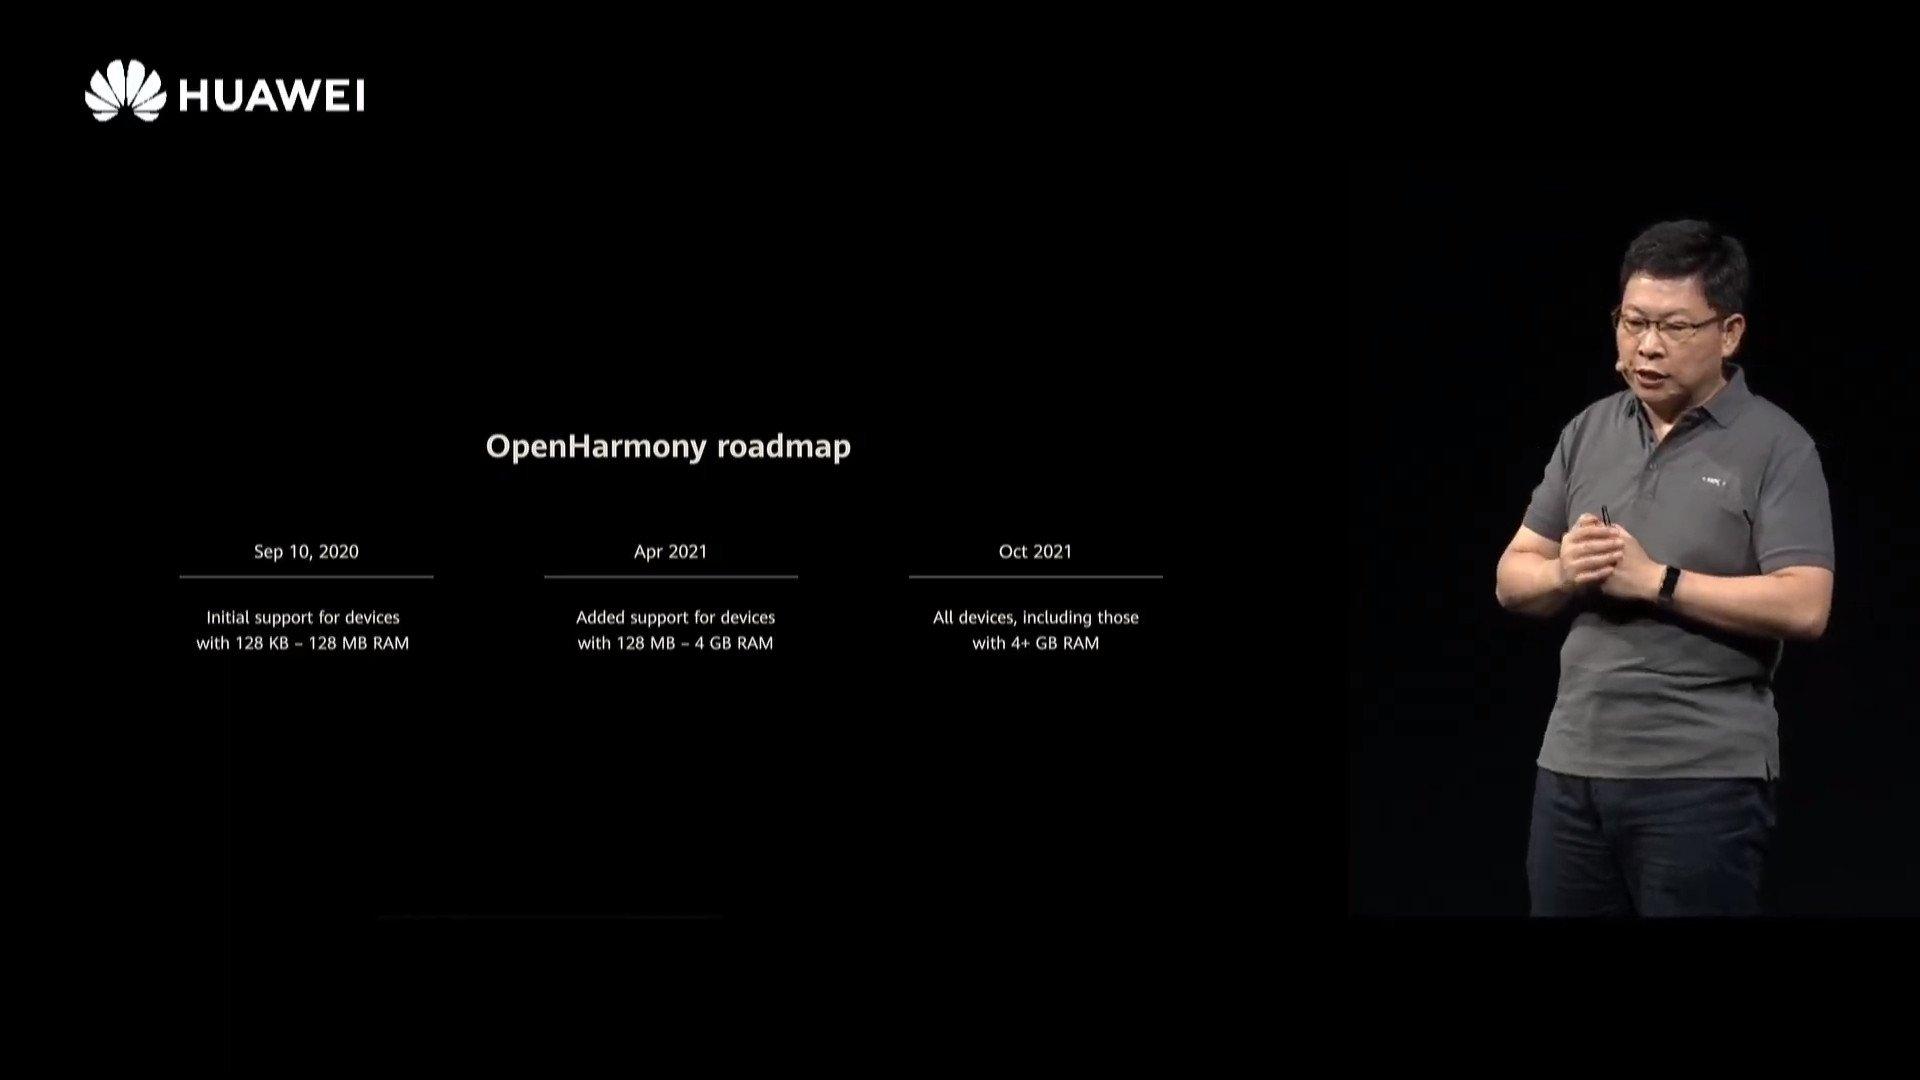 planos da Huawei para harmonyos